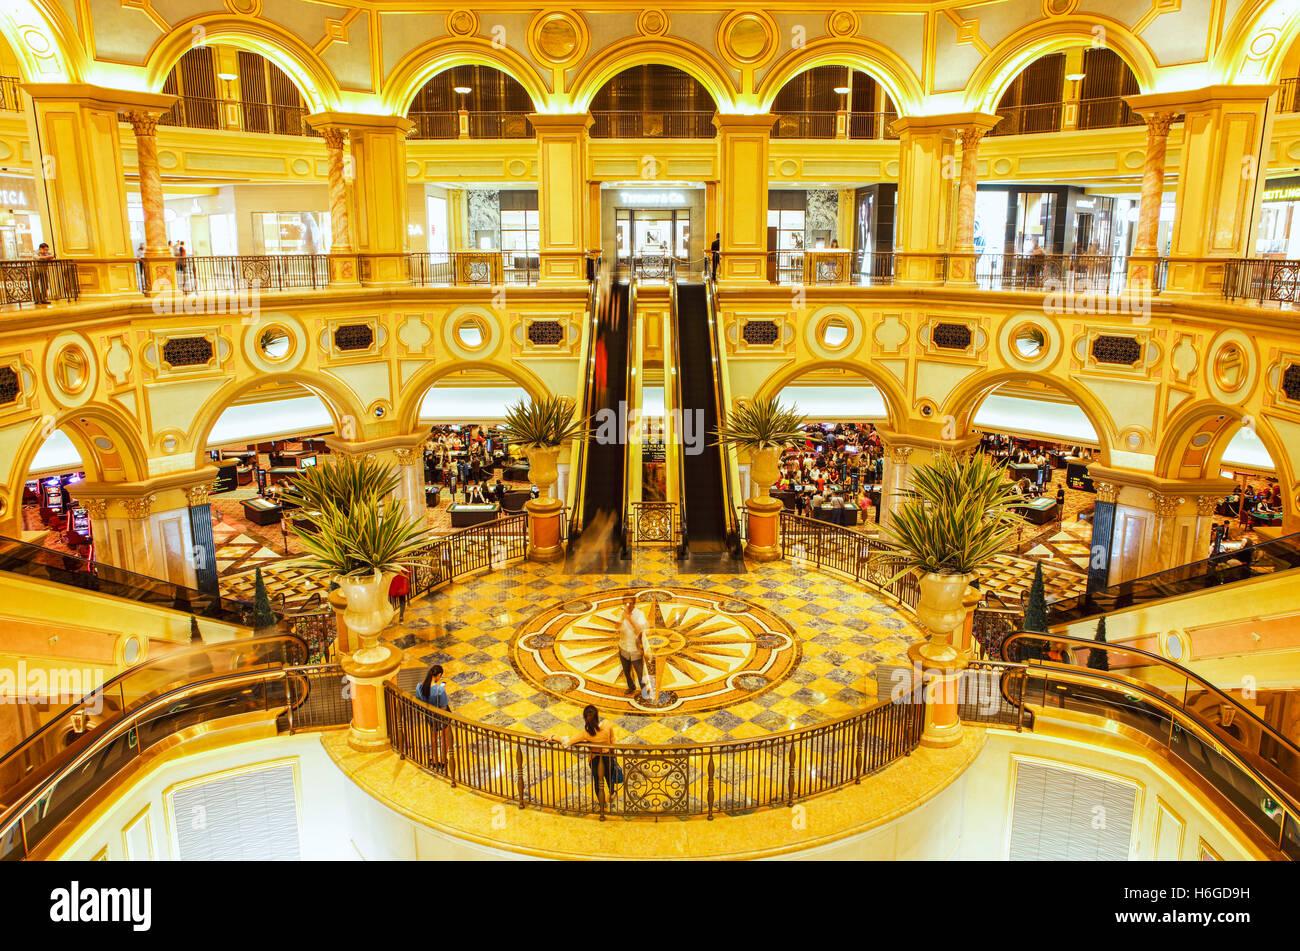 Le grand hall de l'hôtel et casino de Venise, Cotai, Macao. Photo Stock